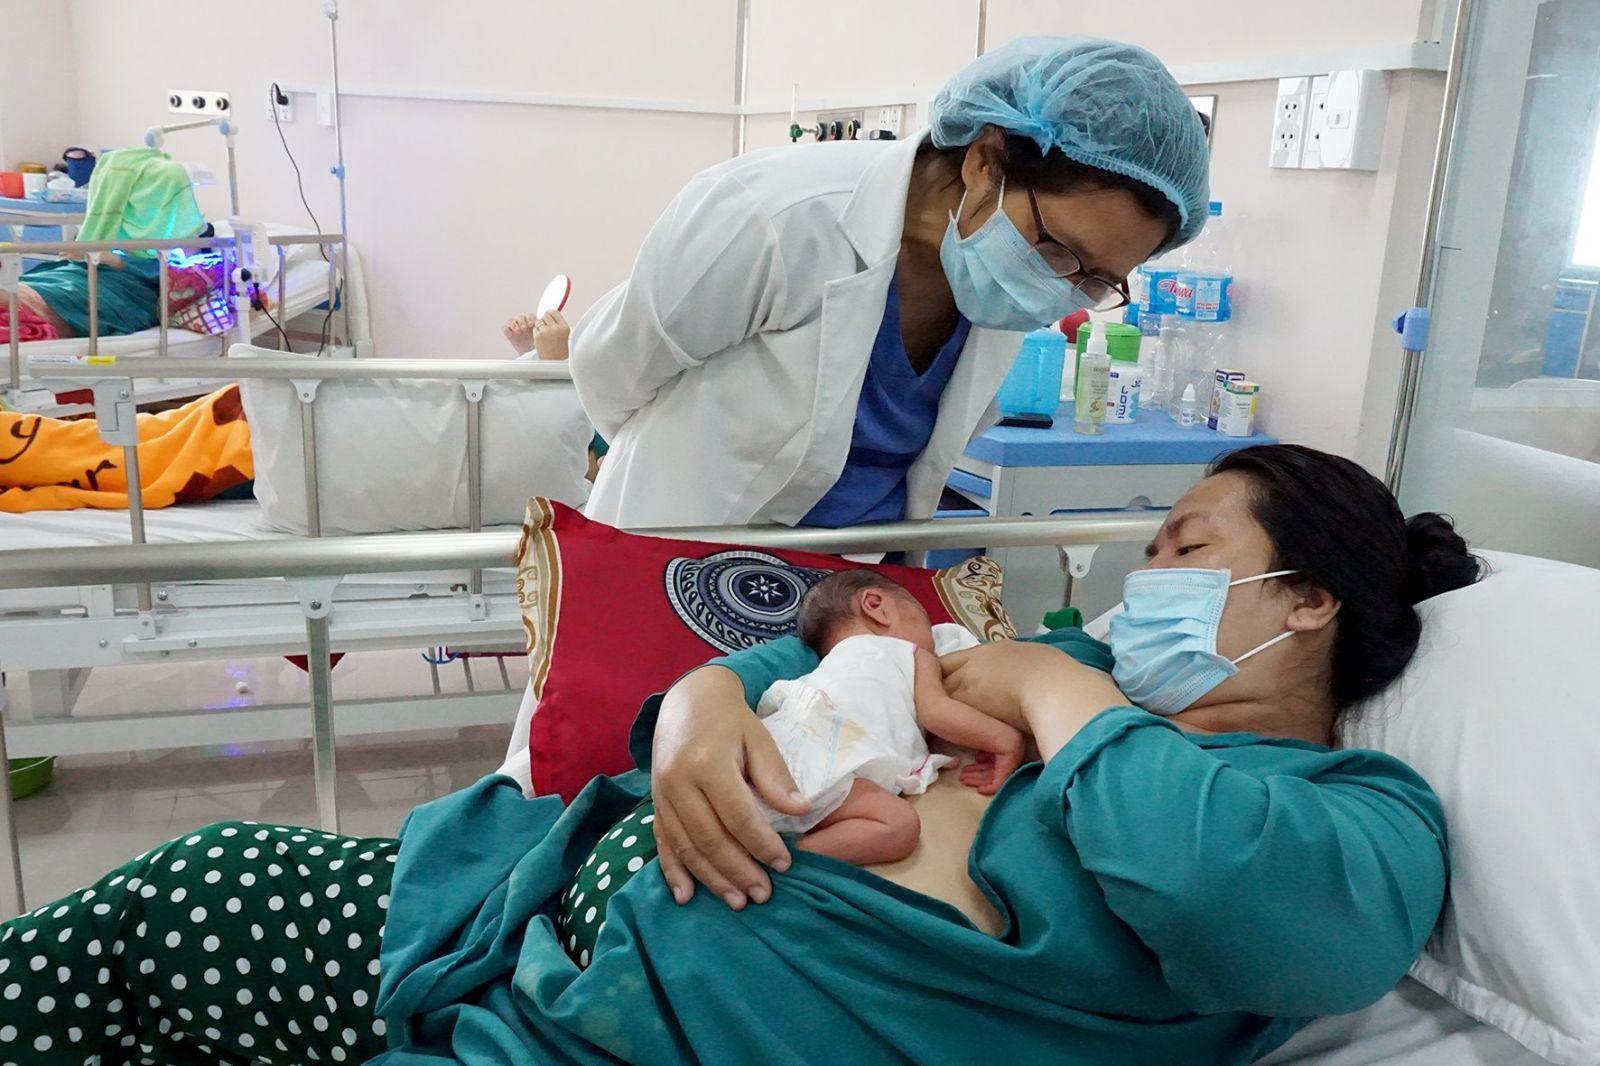 Nuôi con bằng sữa mẹ giúp trẻ phát triển toàn diện và gắn bó tình cảm mẹ con